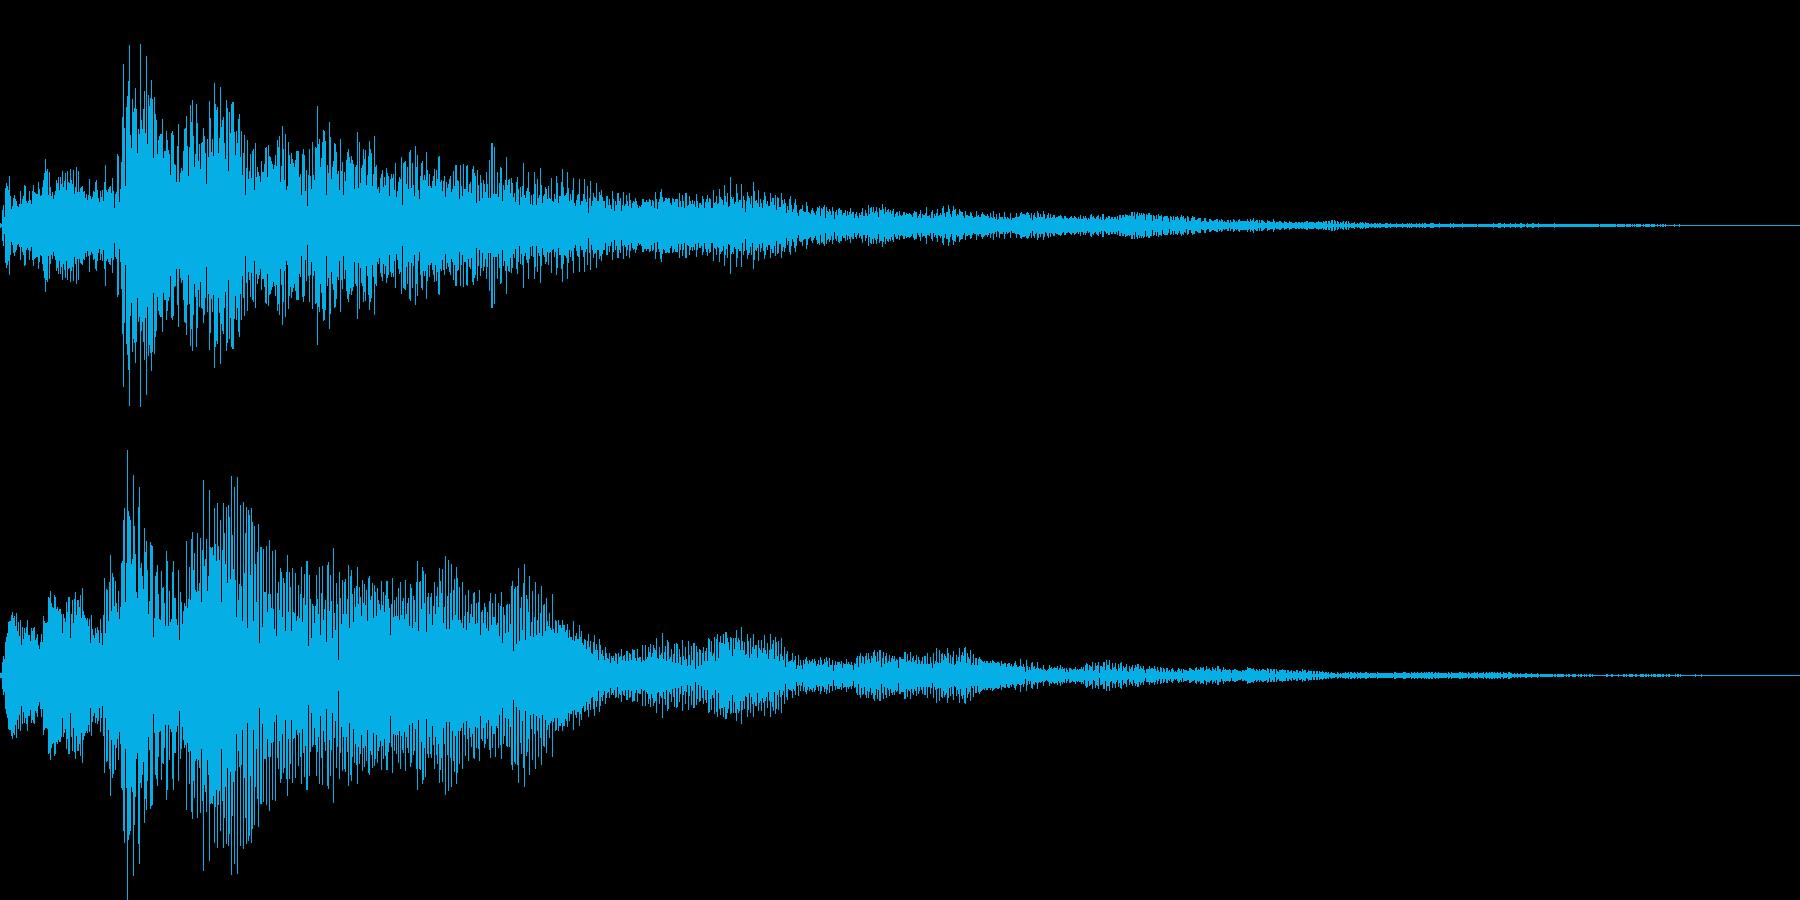 ピロロローン(お知らせ アイキャッチ)の再生済みの波形